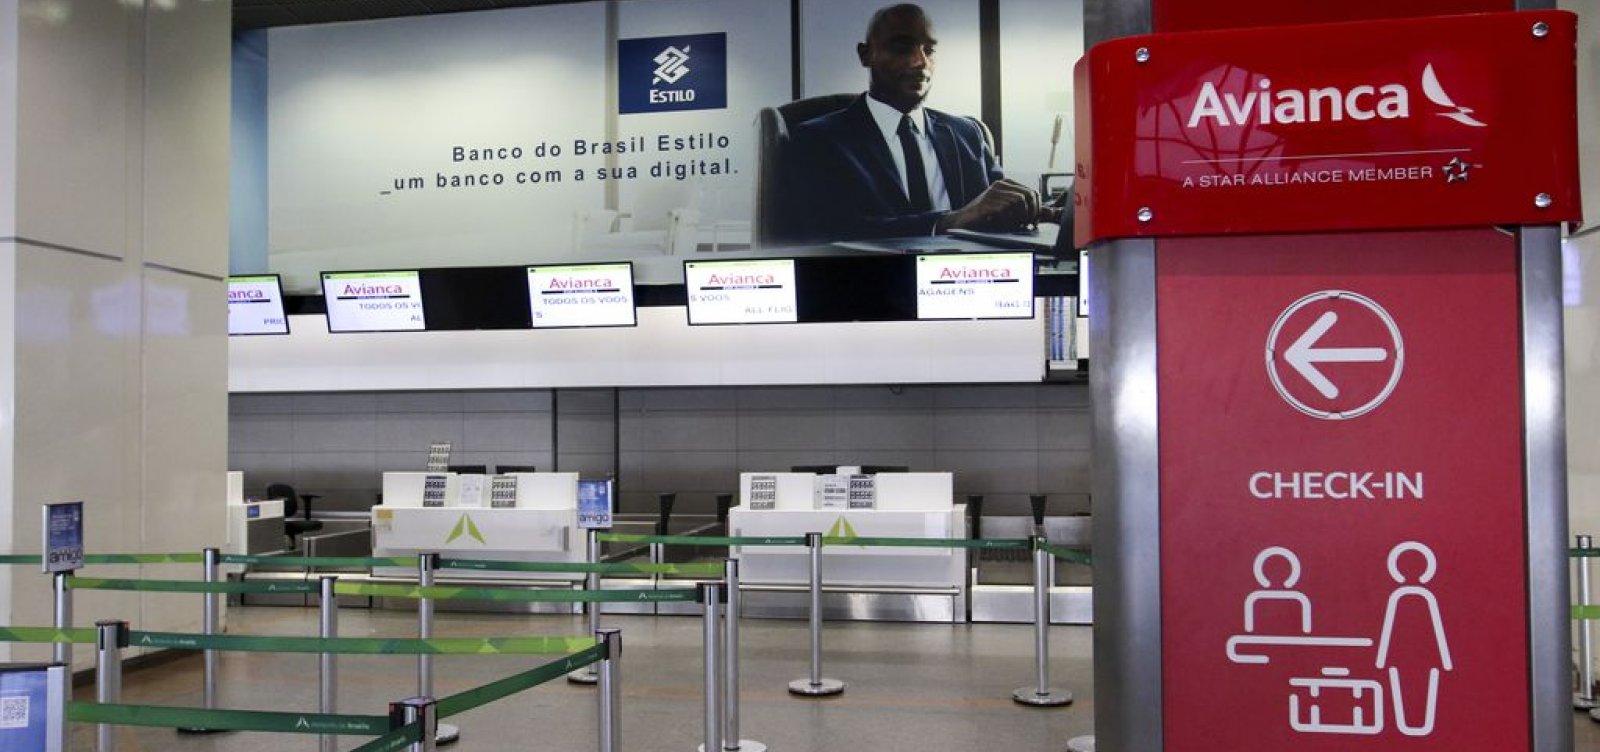 [Procura de voos para a Bahia cai 11% com crise da Avianca]